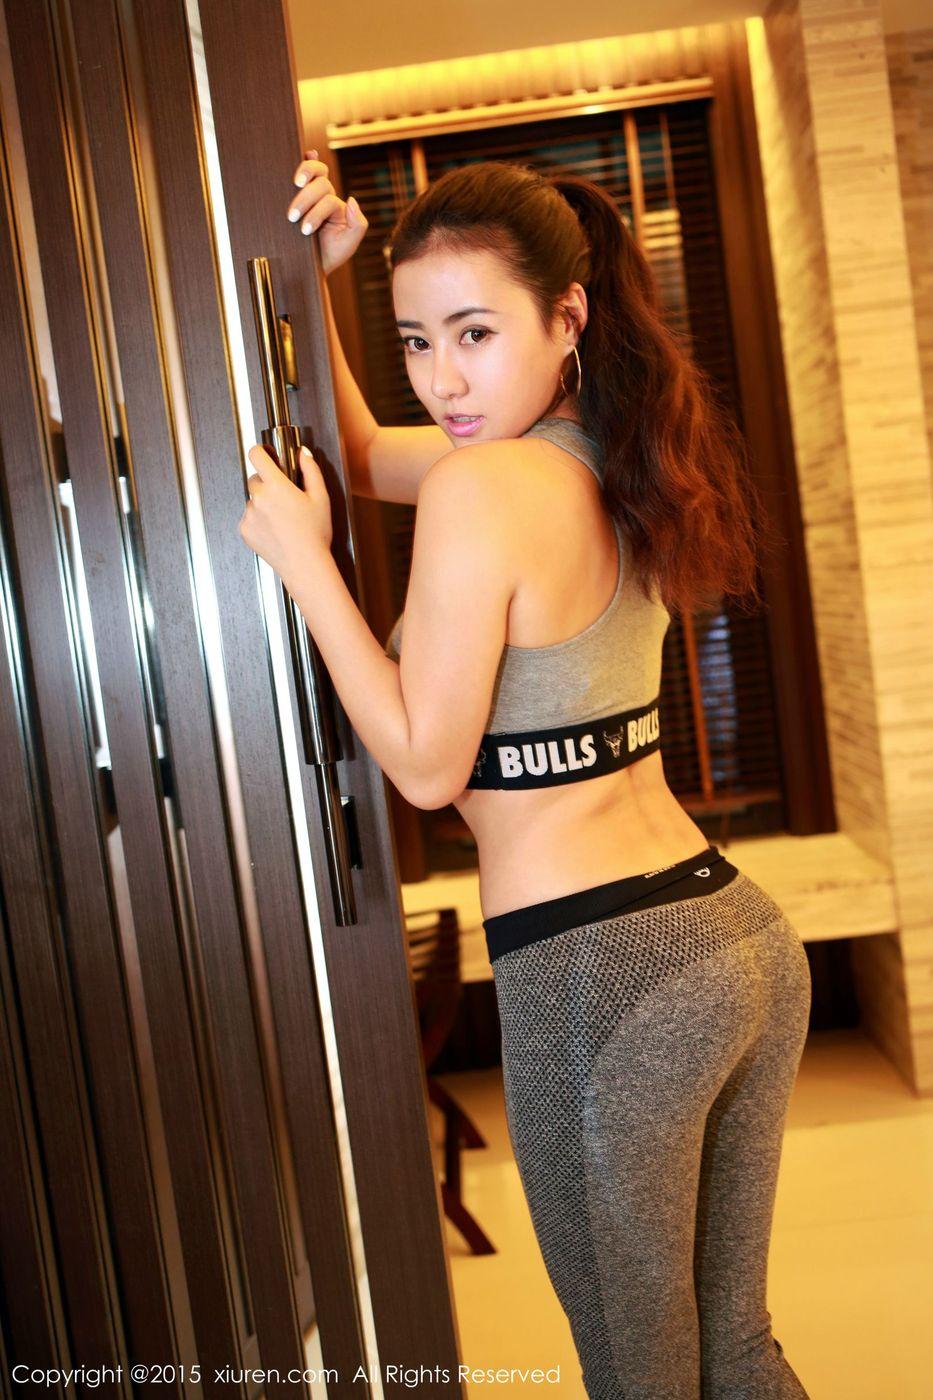 翘臀内衣诱惑美胸性感女神秀人网-[玛鲁娜]超高清写真图片|1620099957更新